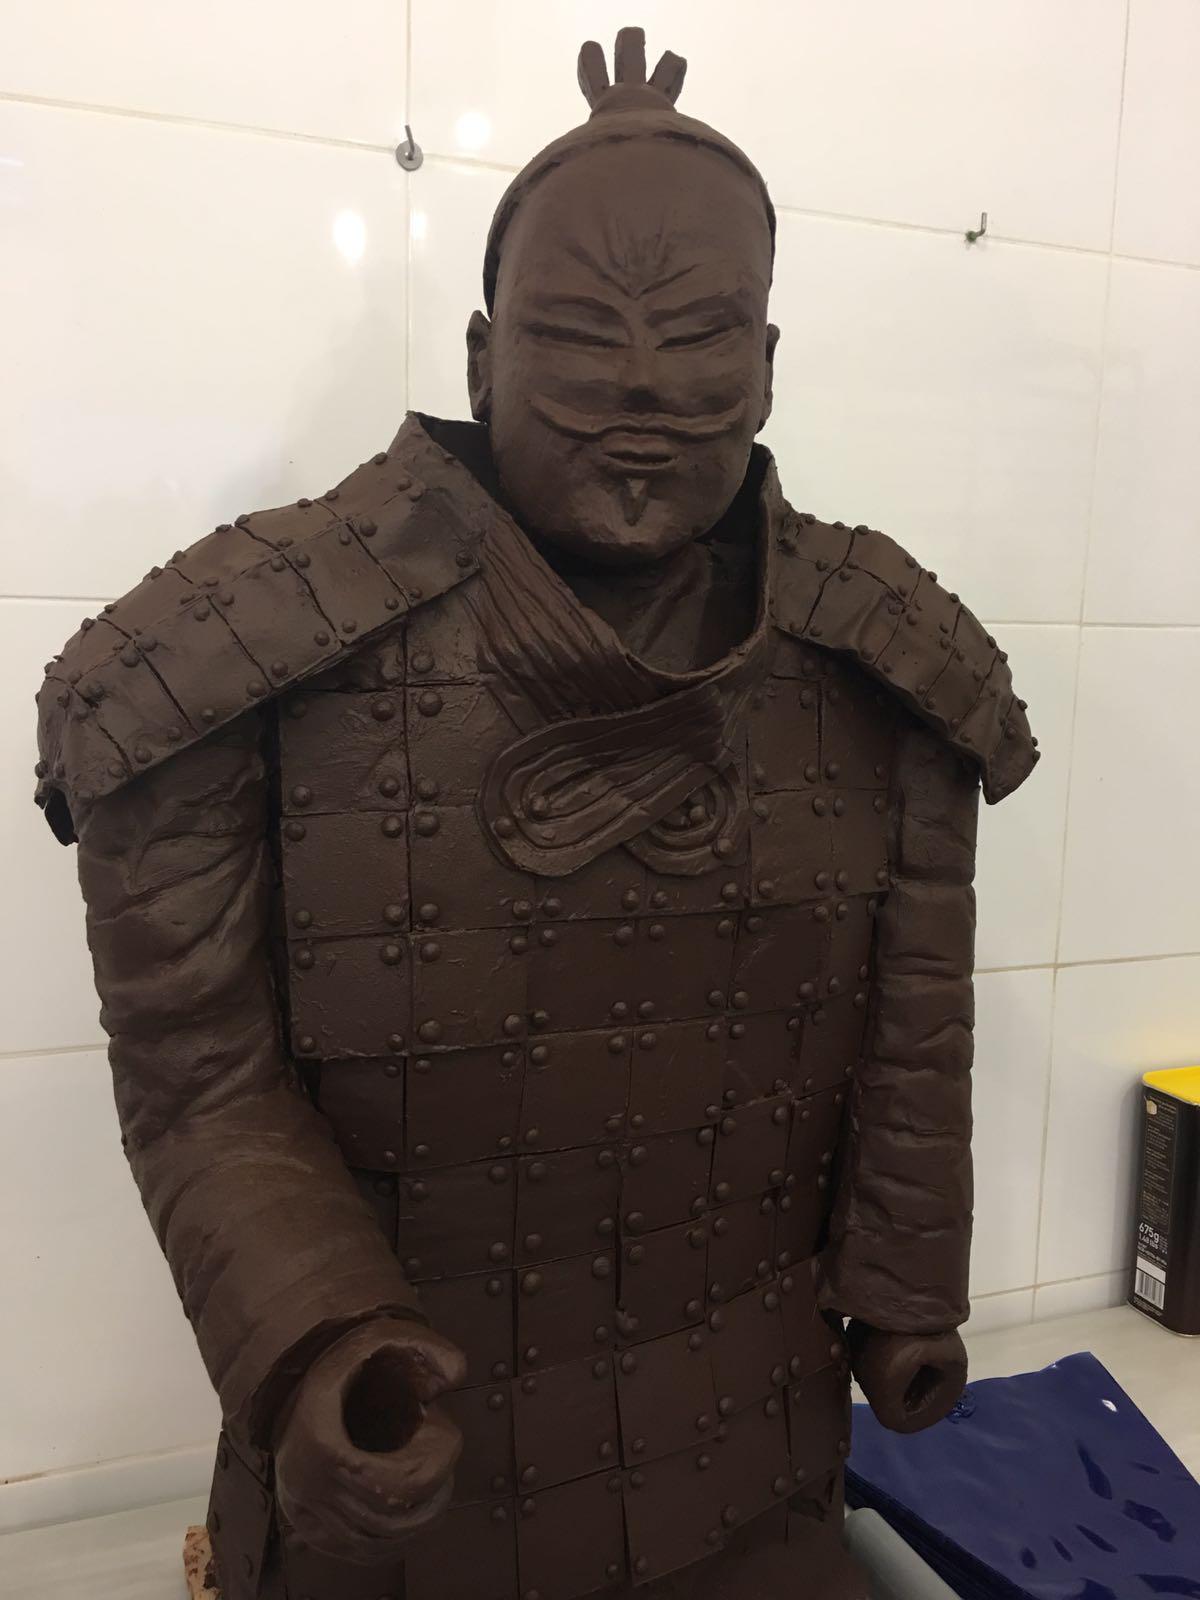 Imatge parcial del guerrer, que té exposat a l'aparador de la nova botiga